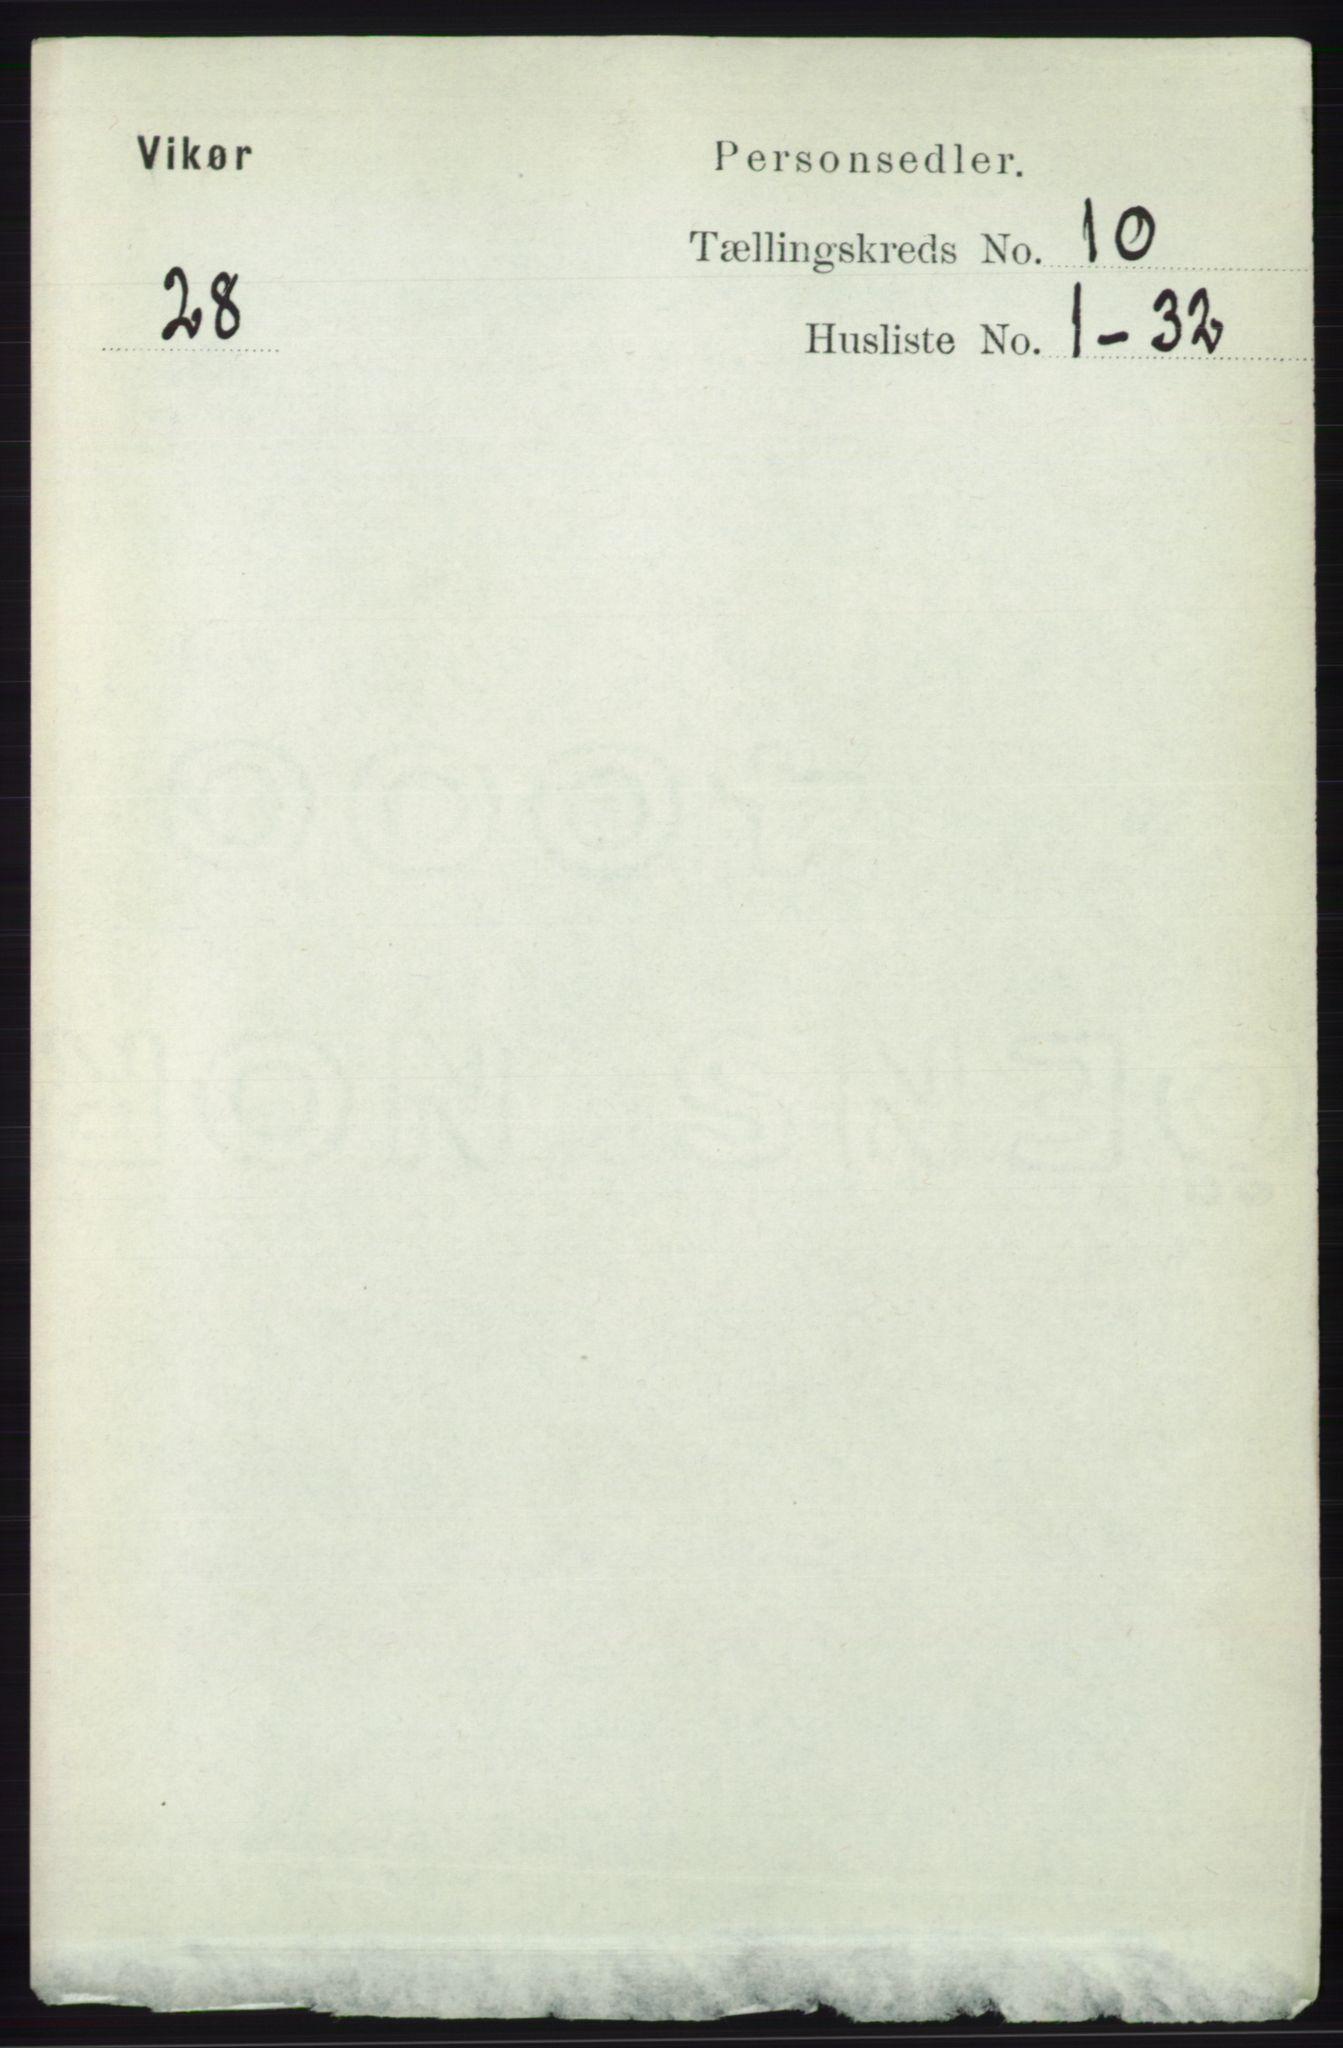 RA, Folketelling 1891 for 1238 Vikør herred, 1891, s. 2934